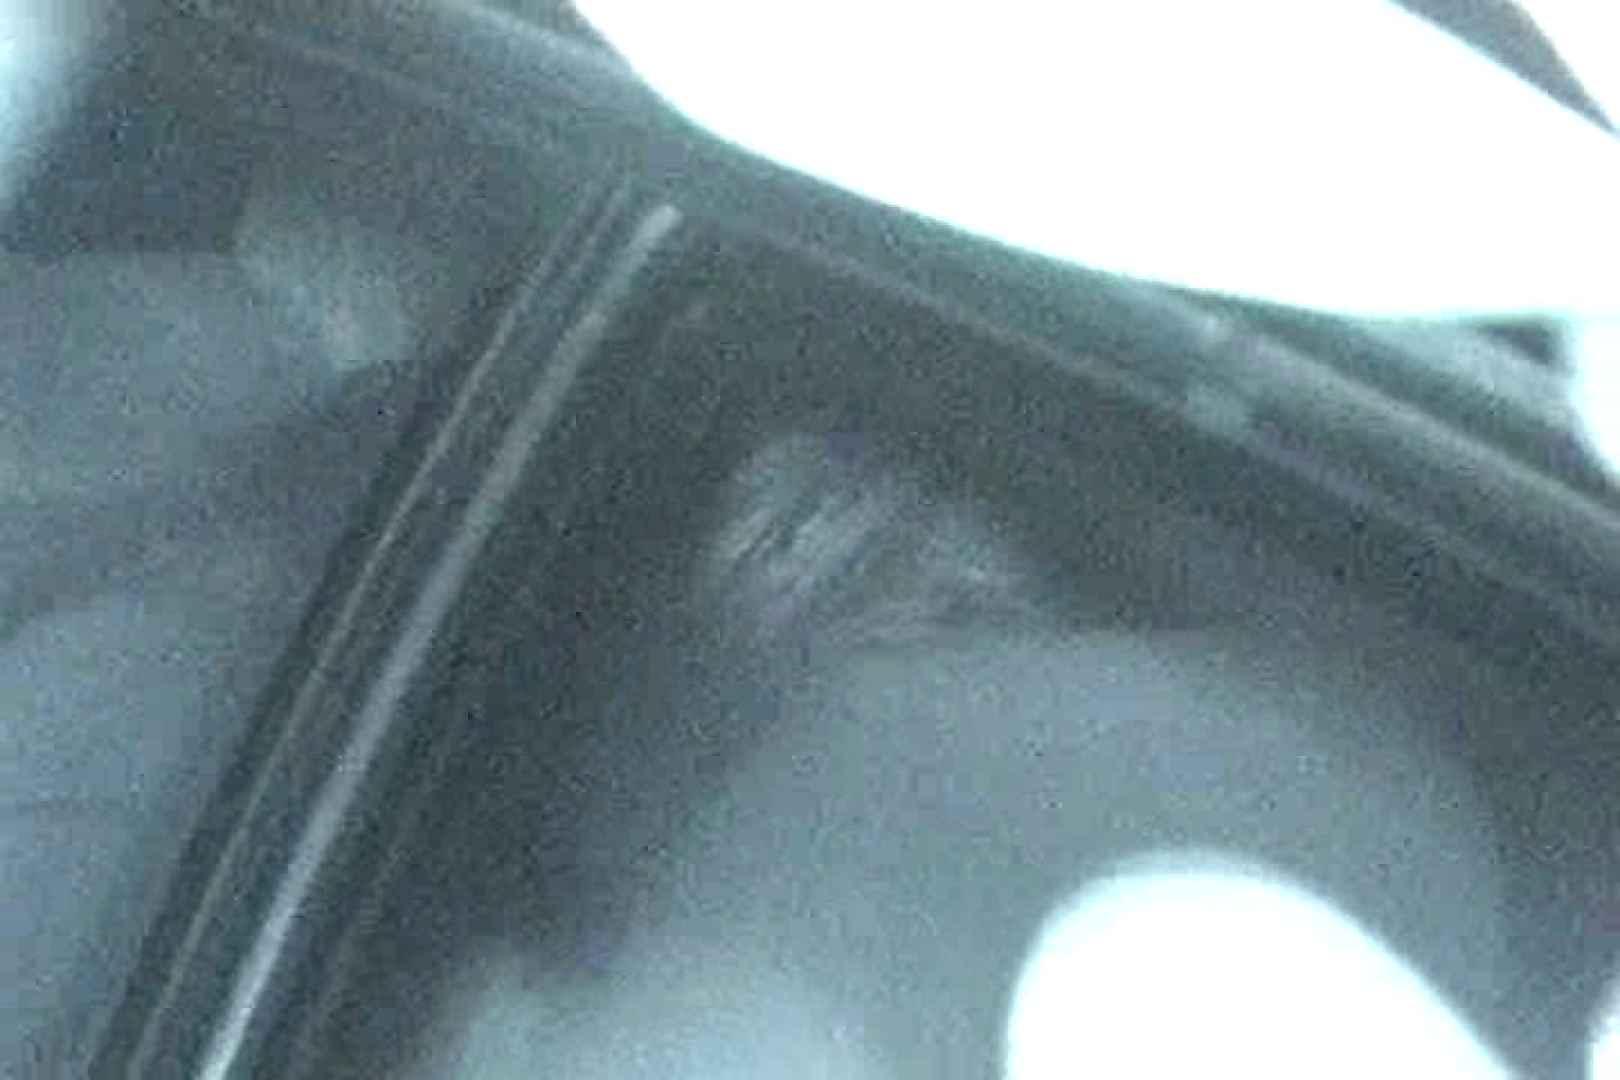 充血監督の深夜の運動会Vol.10 OLの実態 のぞき濡れ場動画紹介 91pic 65